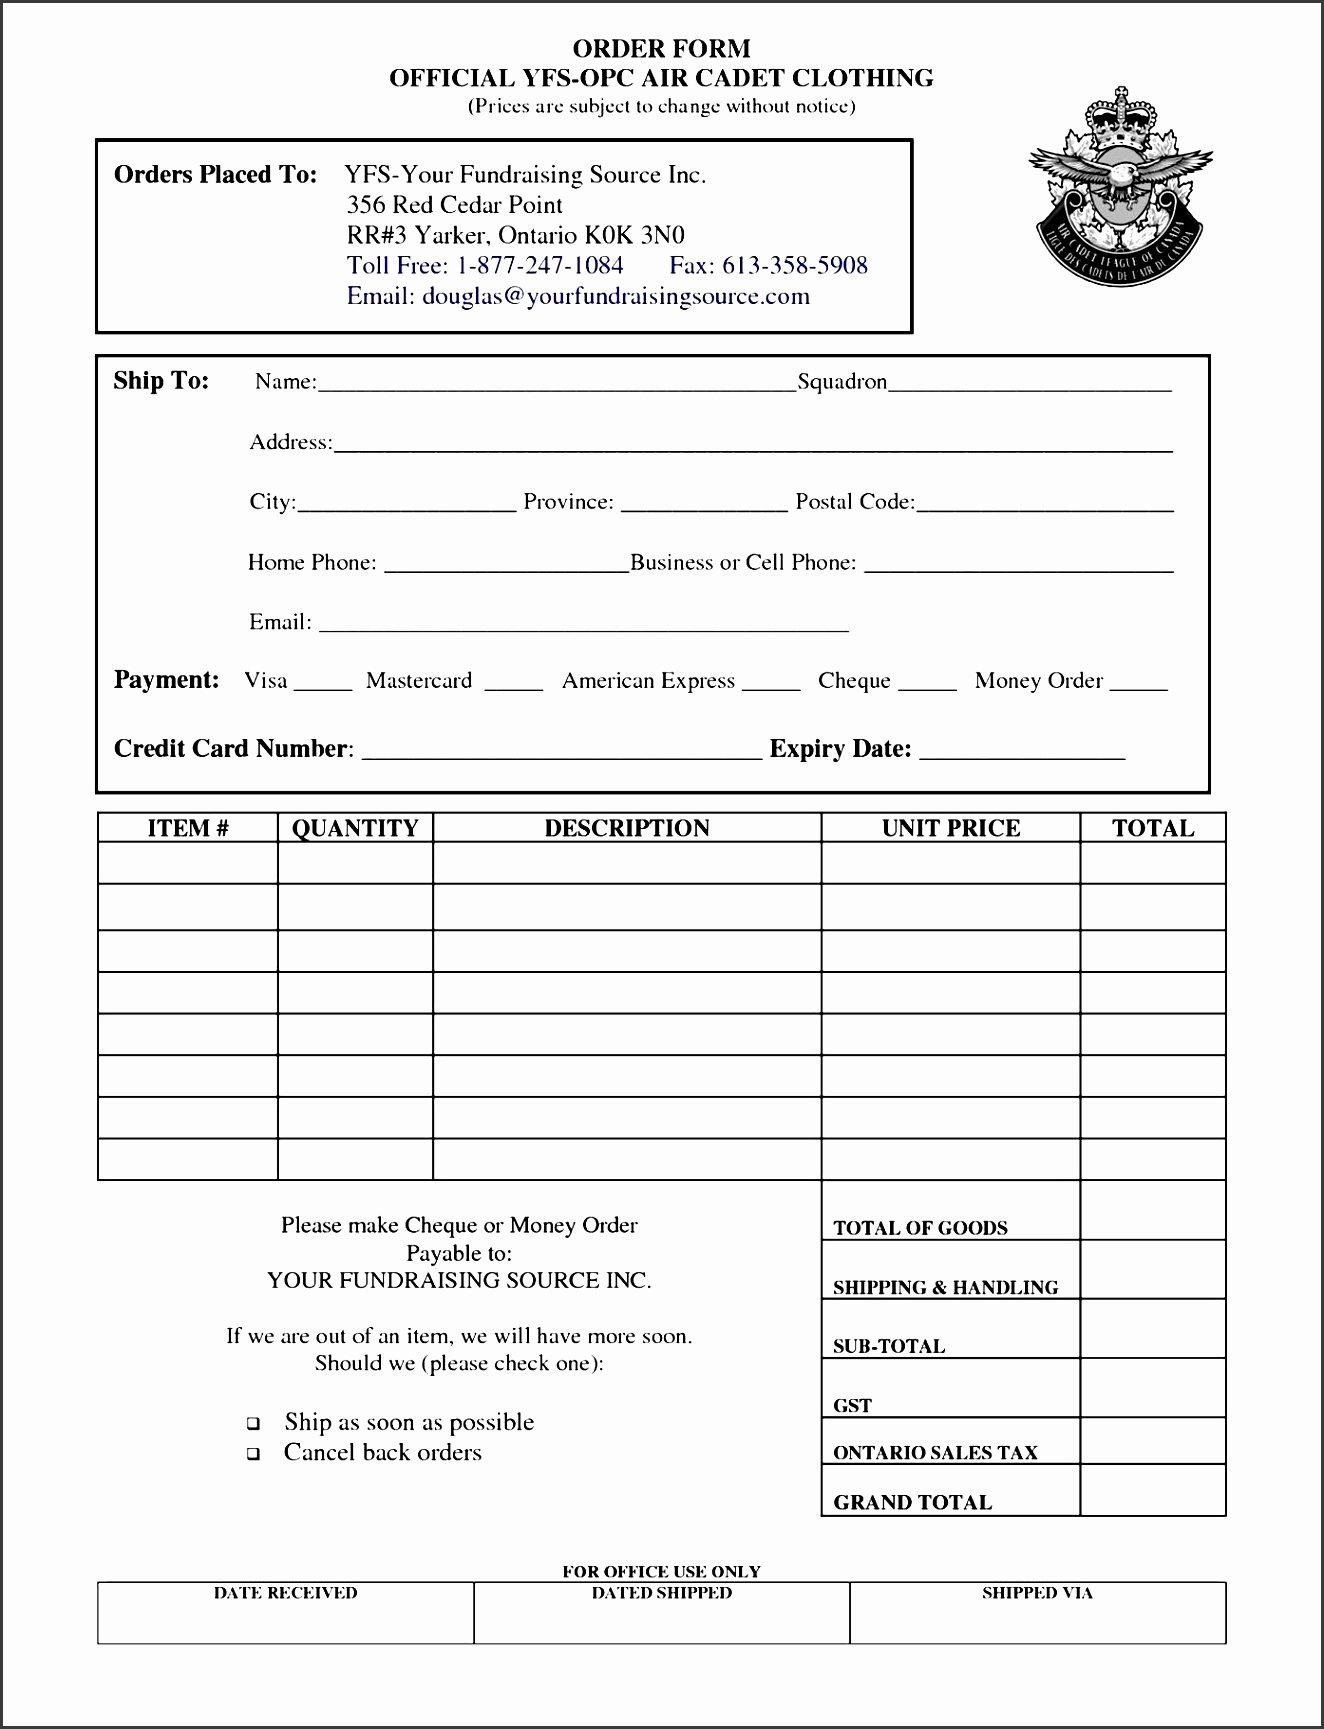 free sample order form maker okkch